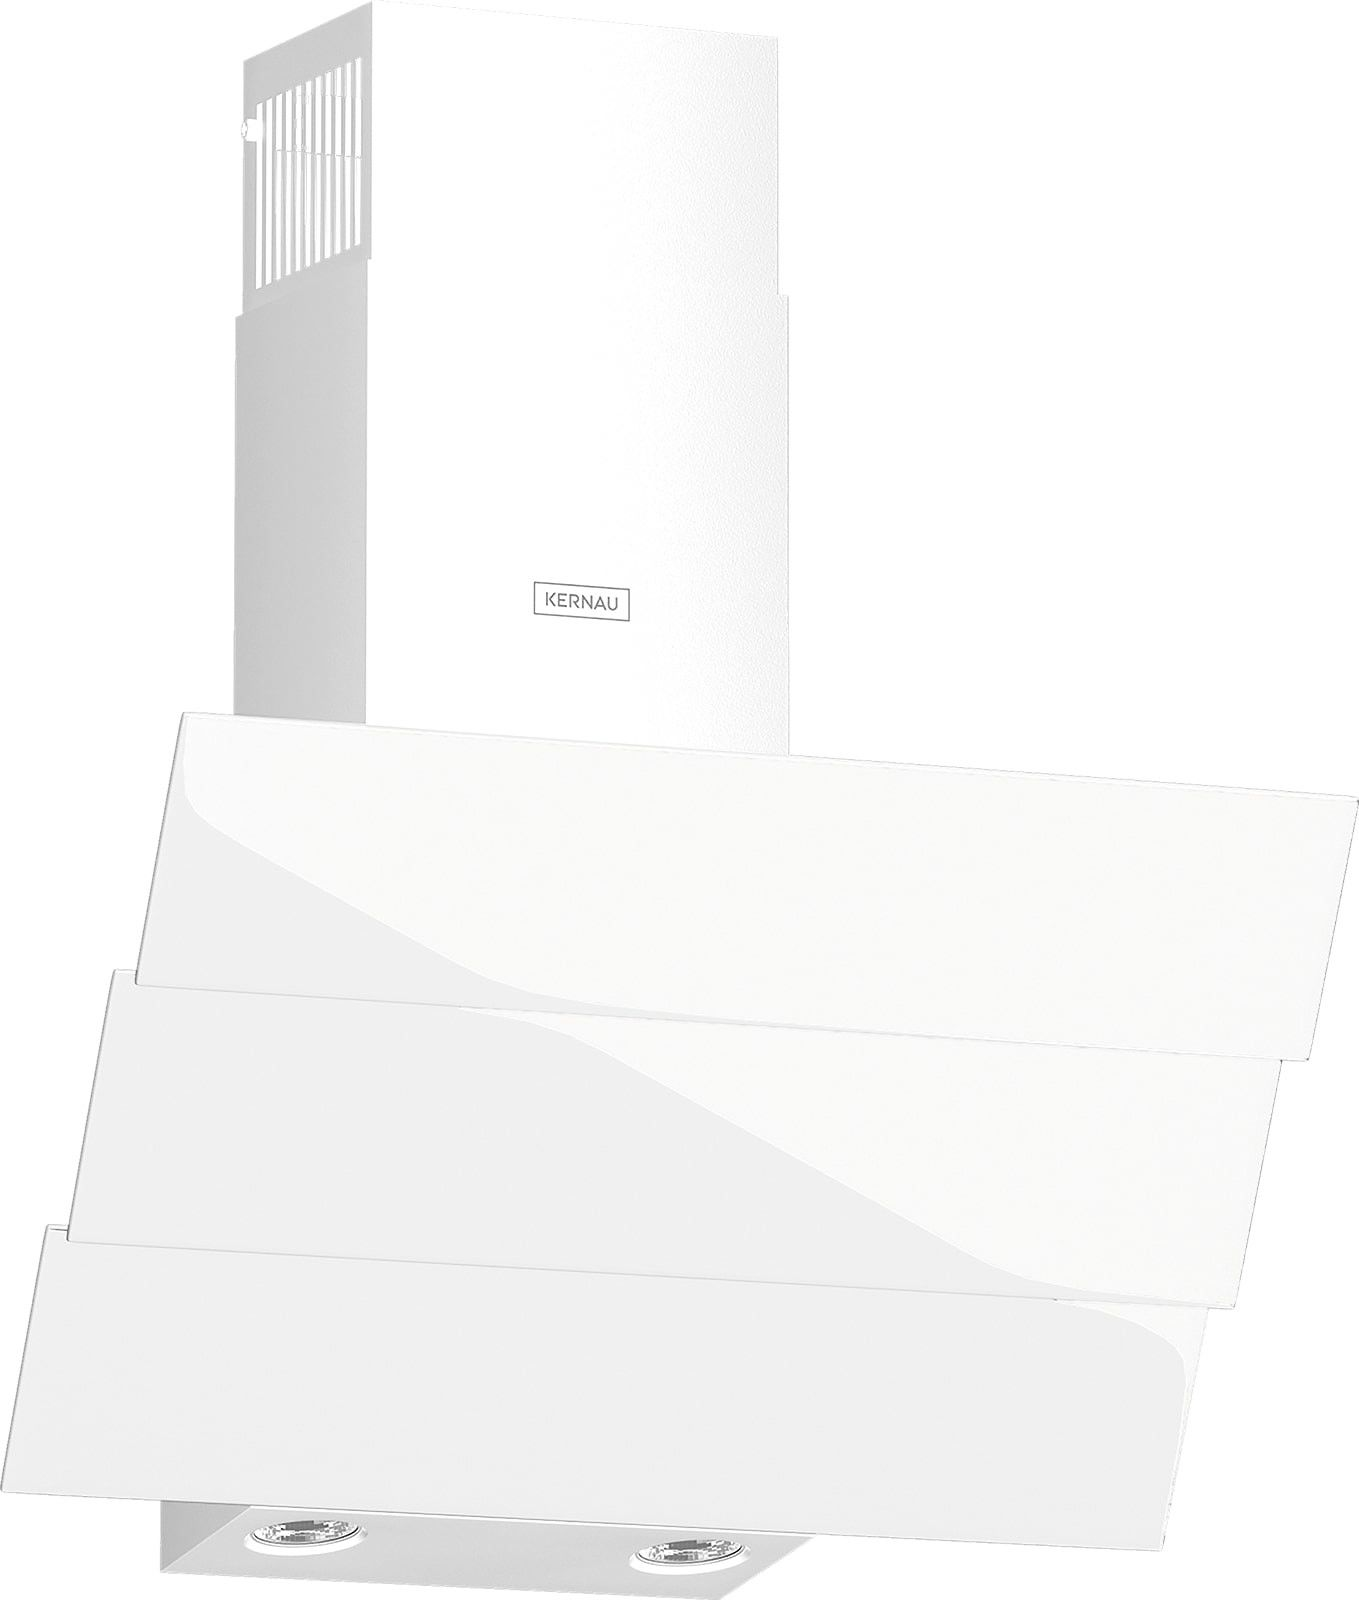 Okap Kernau KCH 3561.1 W Szybka wysyłka!